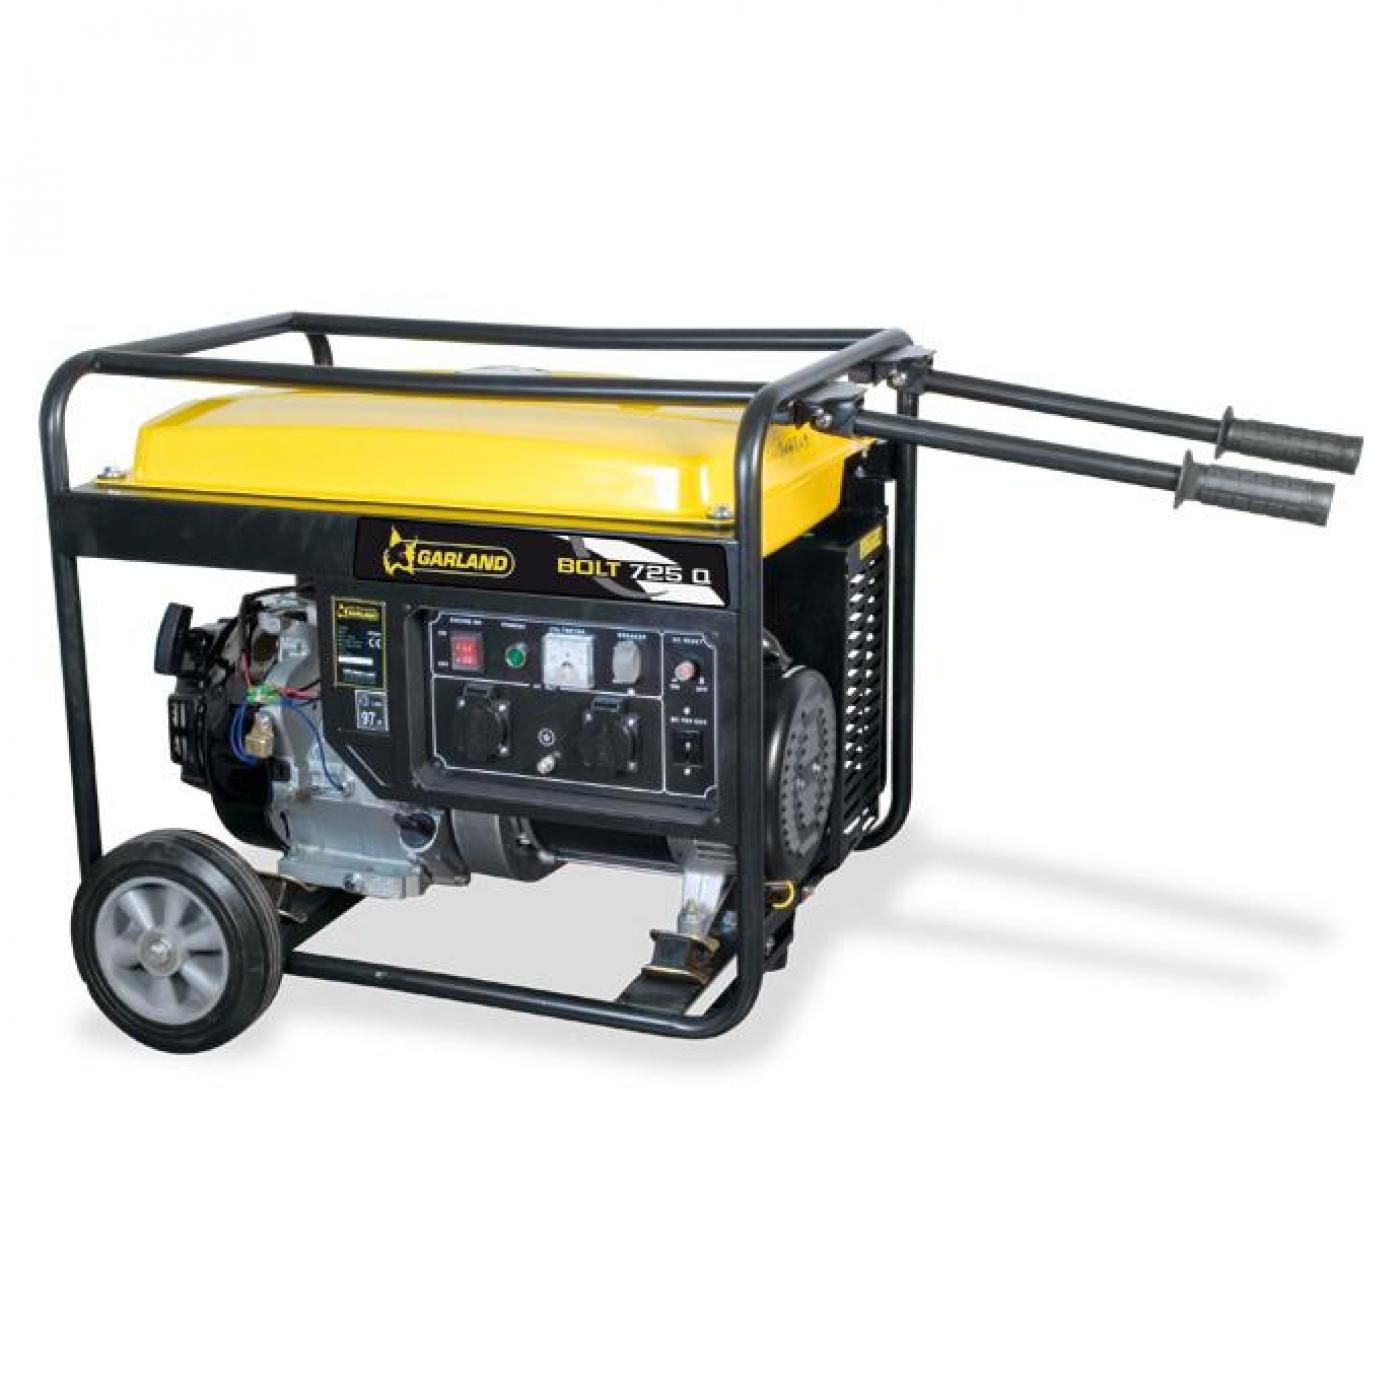 Venta de generadores de electricidad tattoo design bild - Generadores de electricidad ...